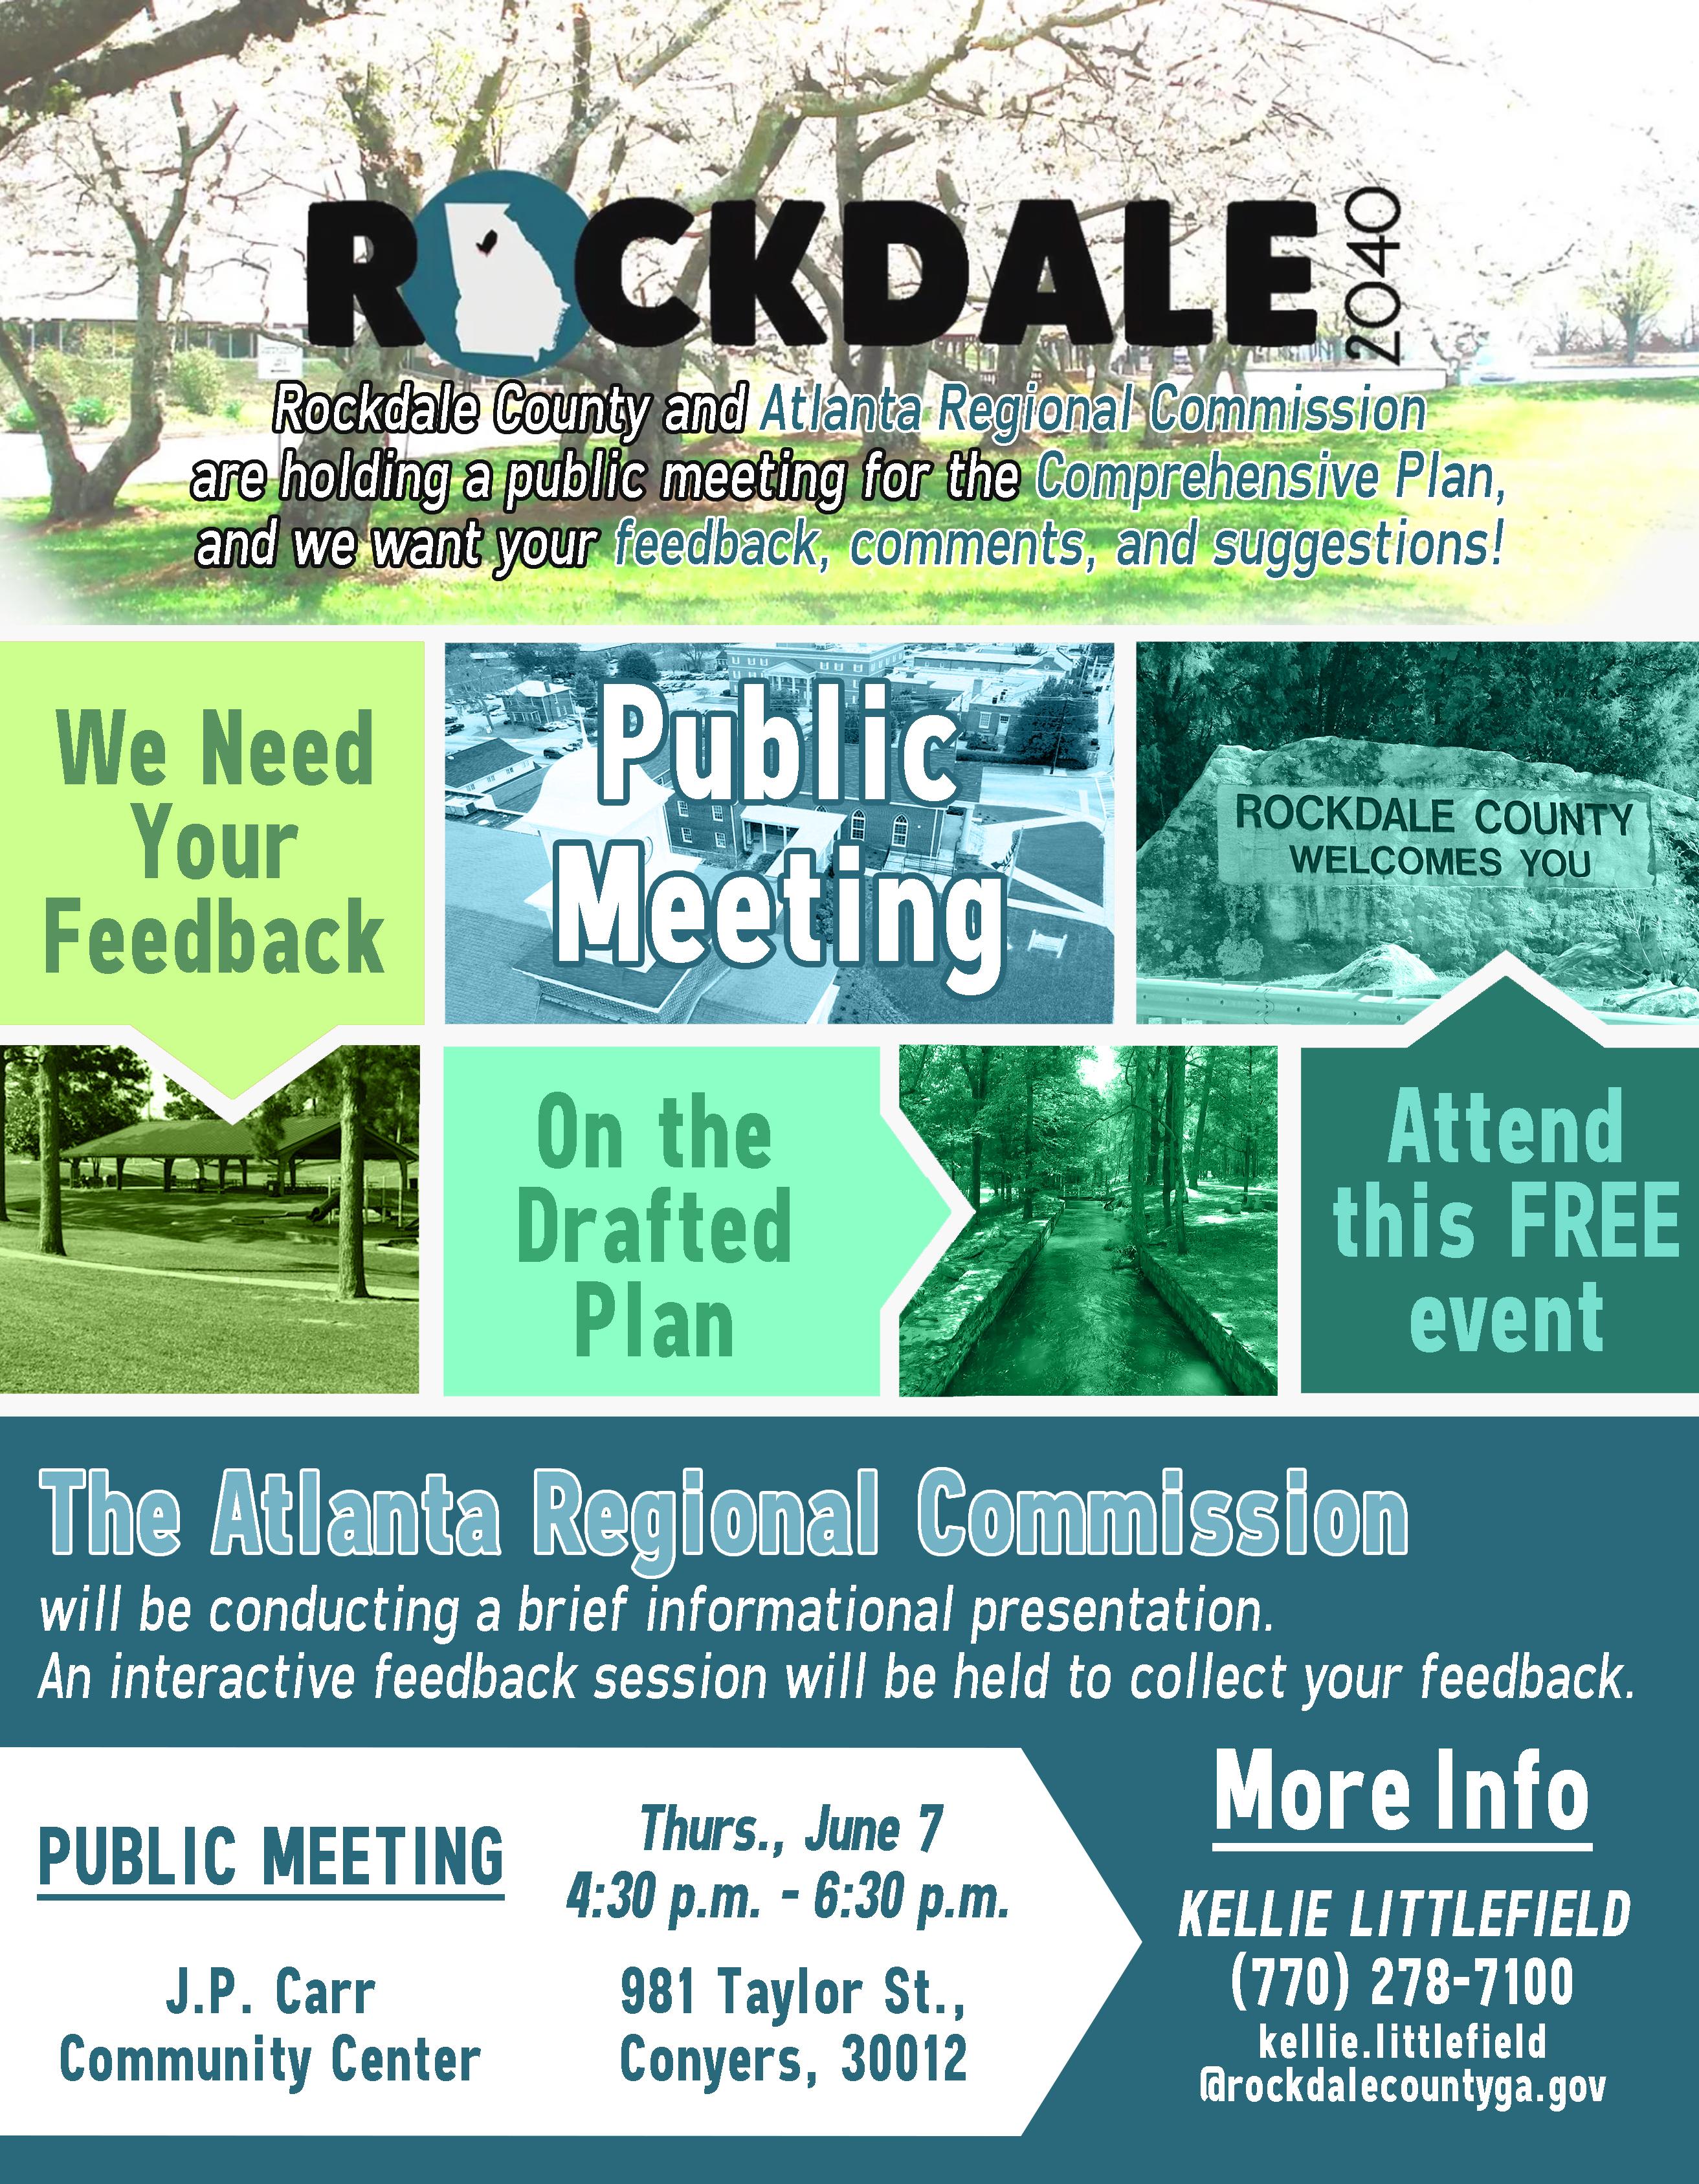 Public Comment Meeting for Comprehensive Plan @ J.P. Carr Community Center